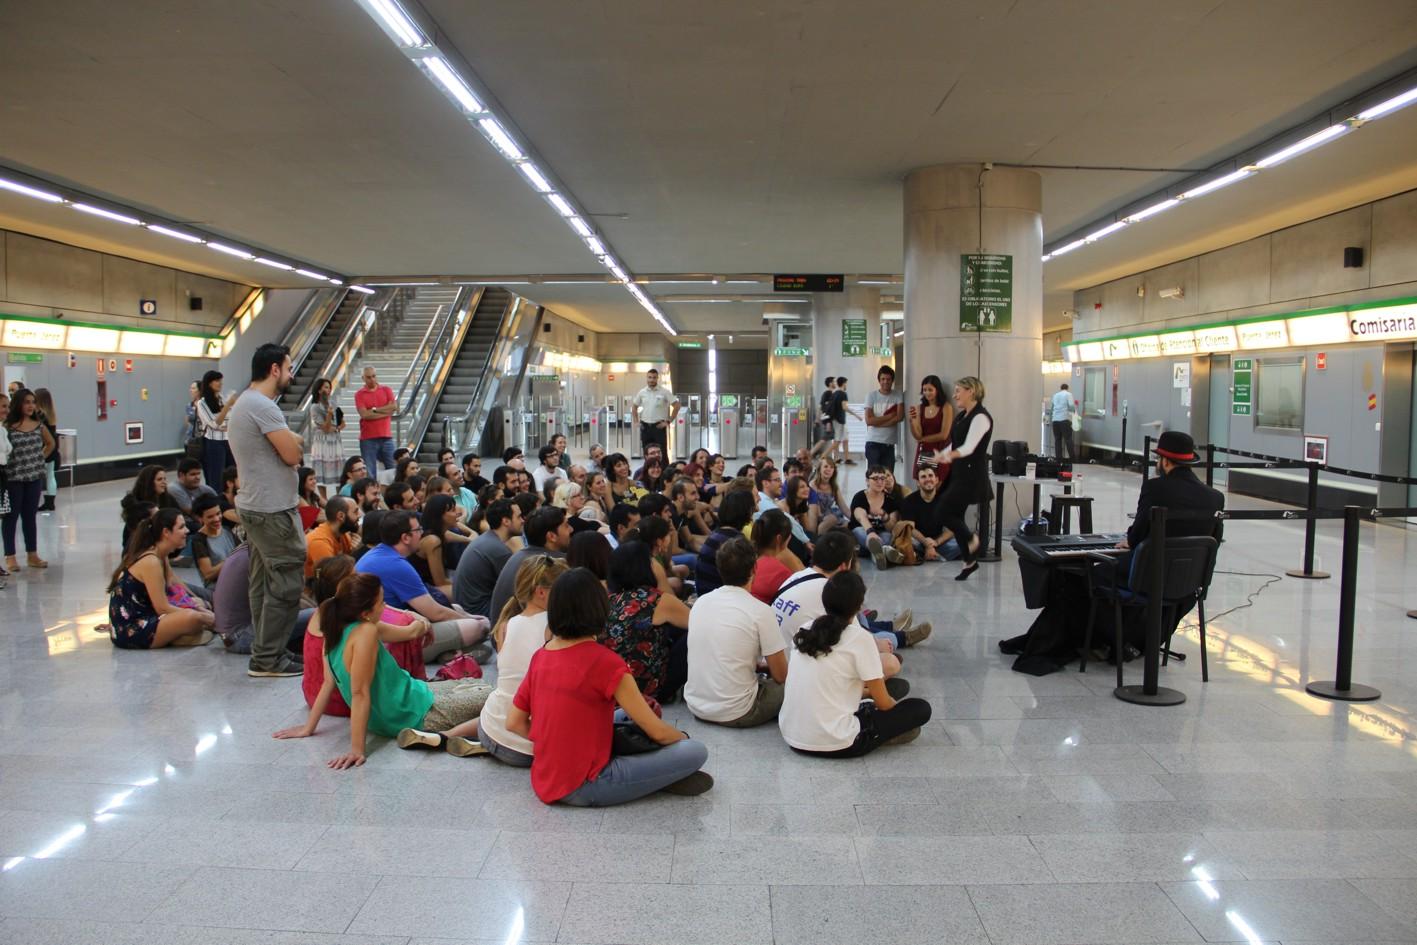 Usuarios de Metro de Sevilla disfrutando de actividades culturales.